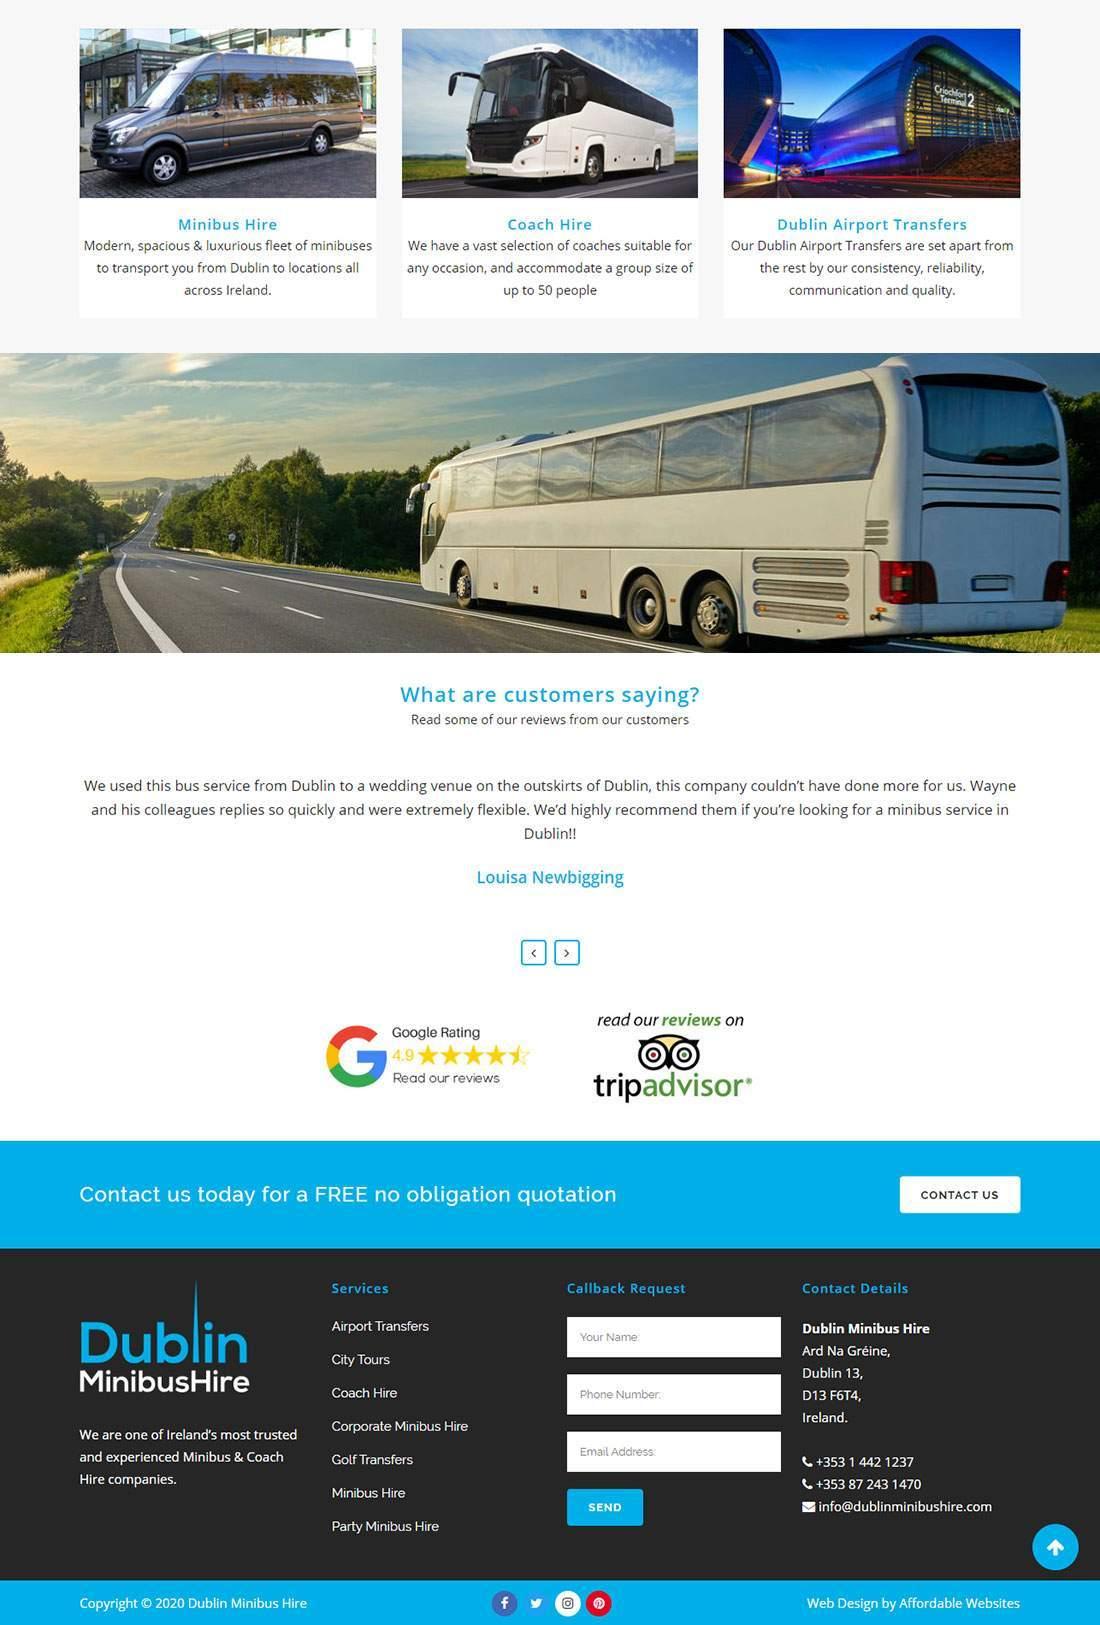 Minibus Hire Website Redesign